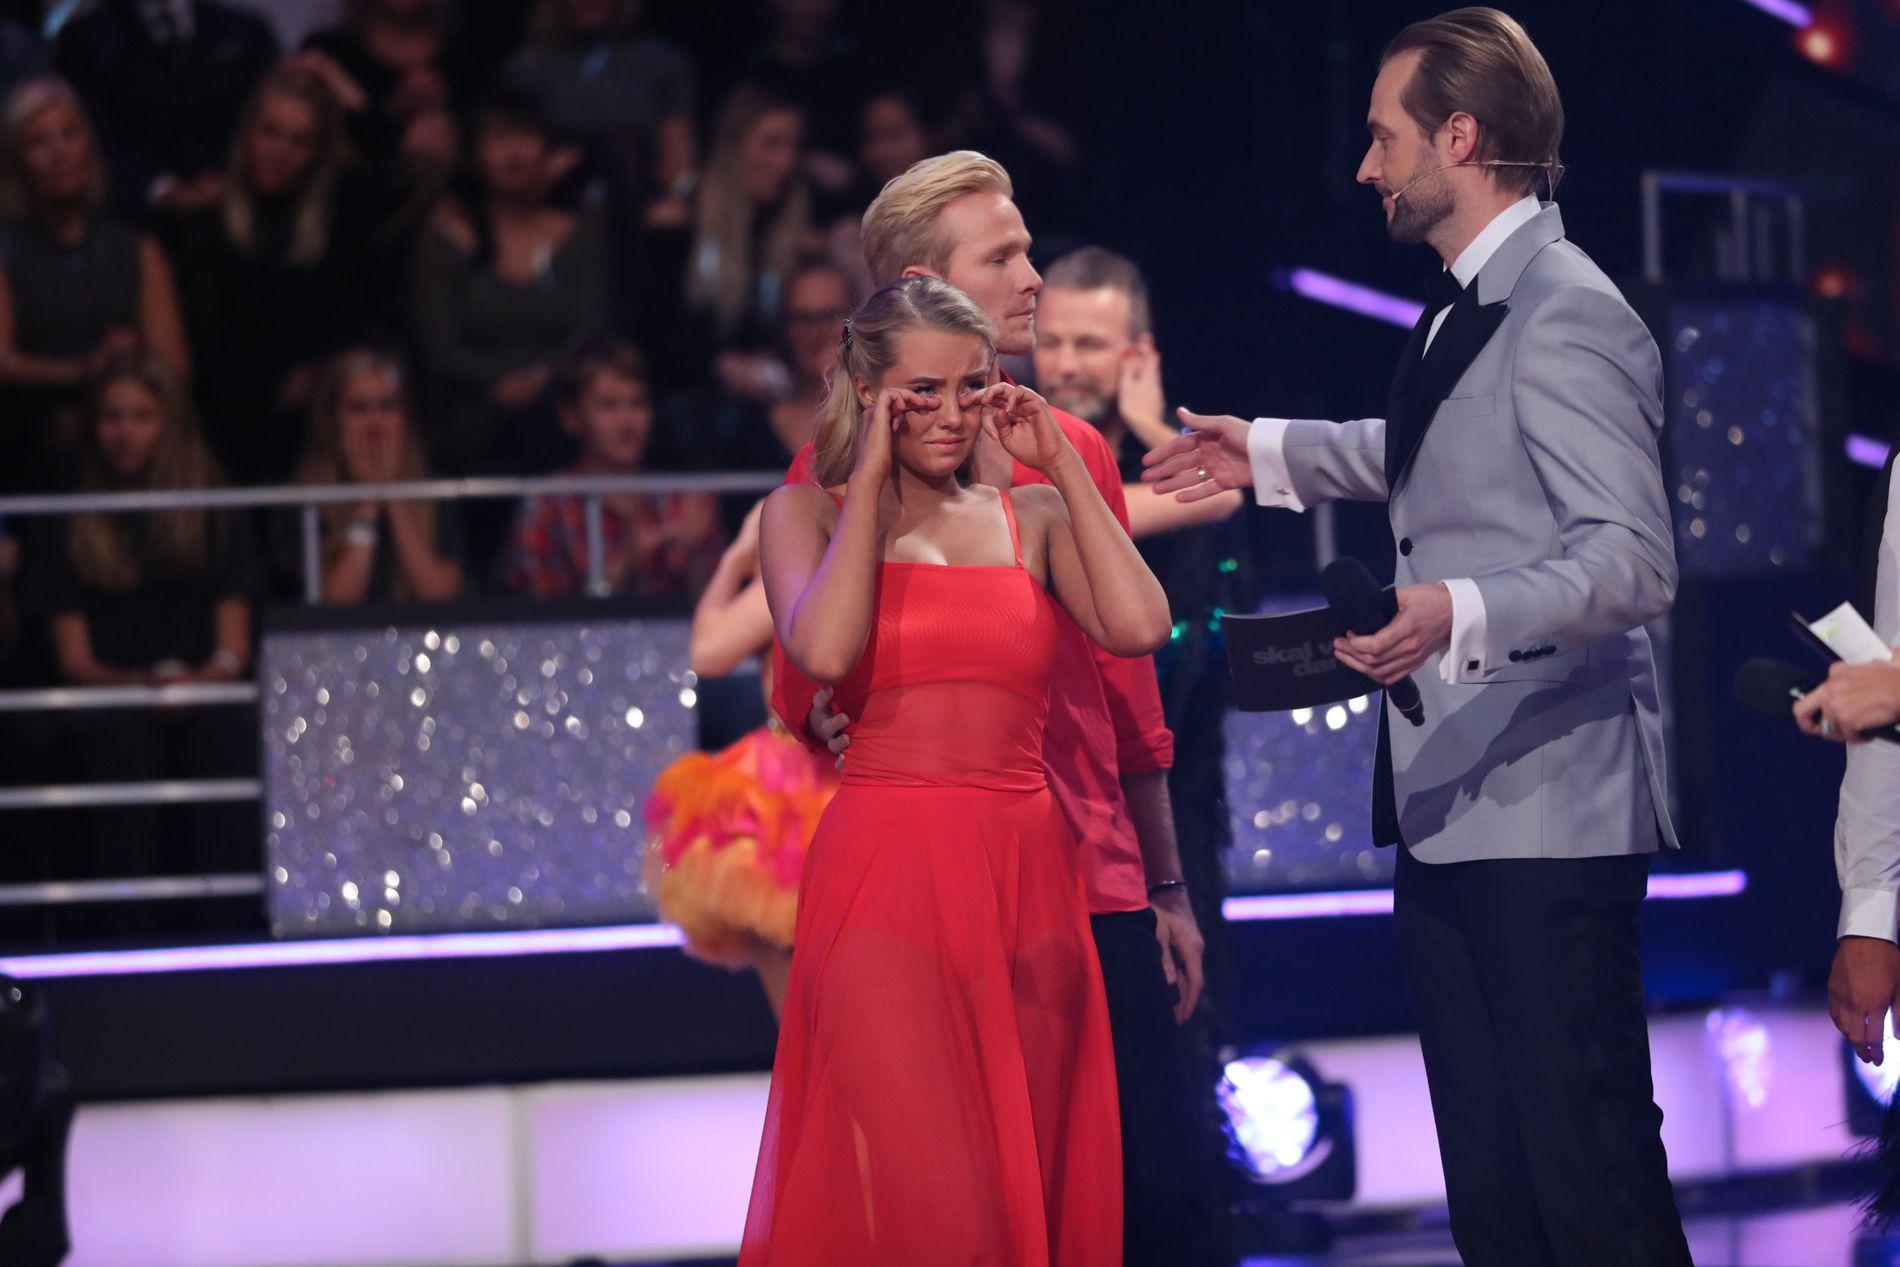 GRÅT PÅ TV: Martine Lunde synes ikke det var spesielt gøy å møte sin egen kjæreste til danseduell.